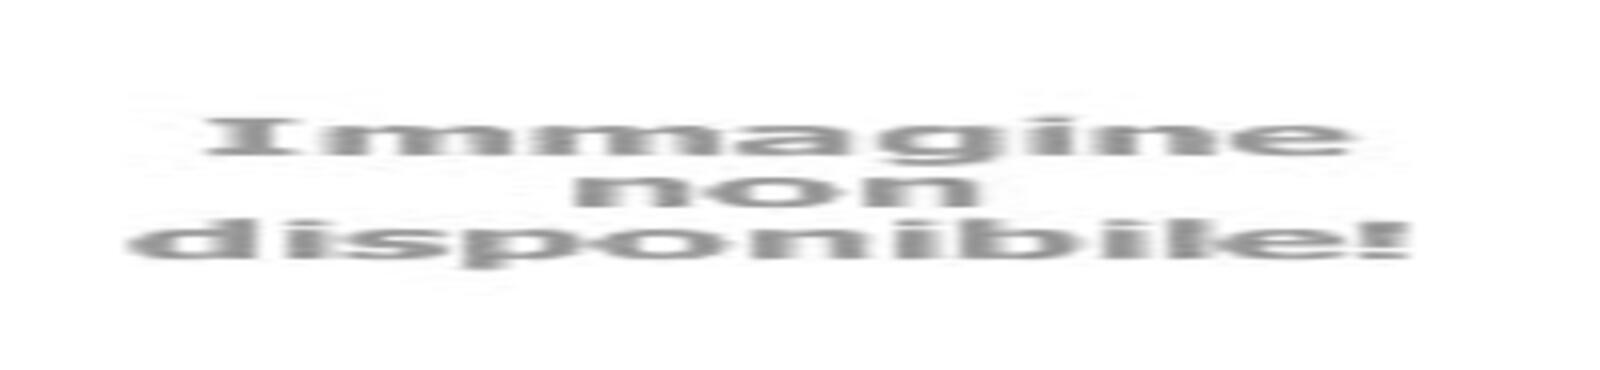 petronianaviaggi it in-casentino-tra-abbazie-castelli-e-il-ricordo-di-dante-v378 002